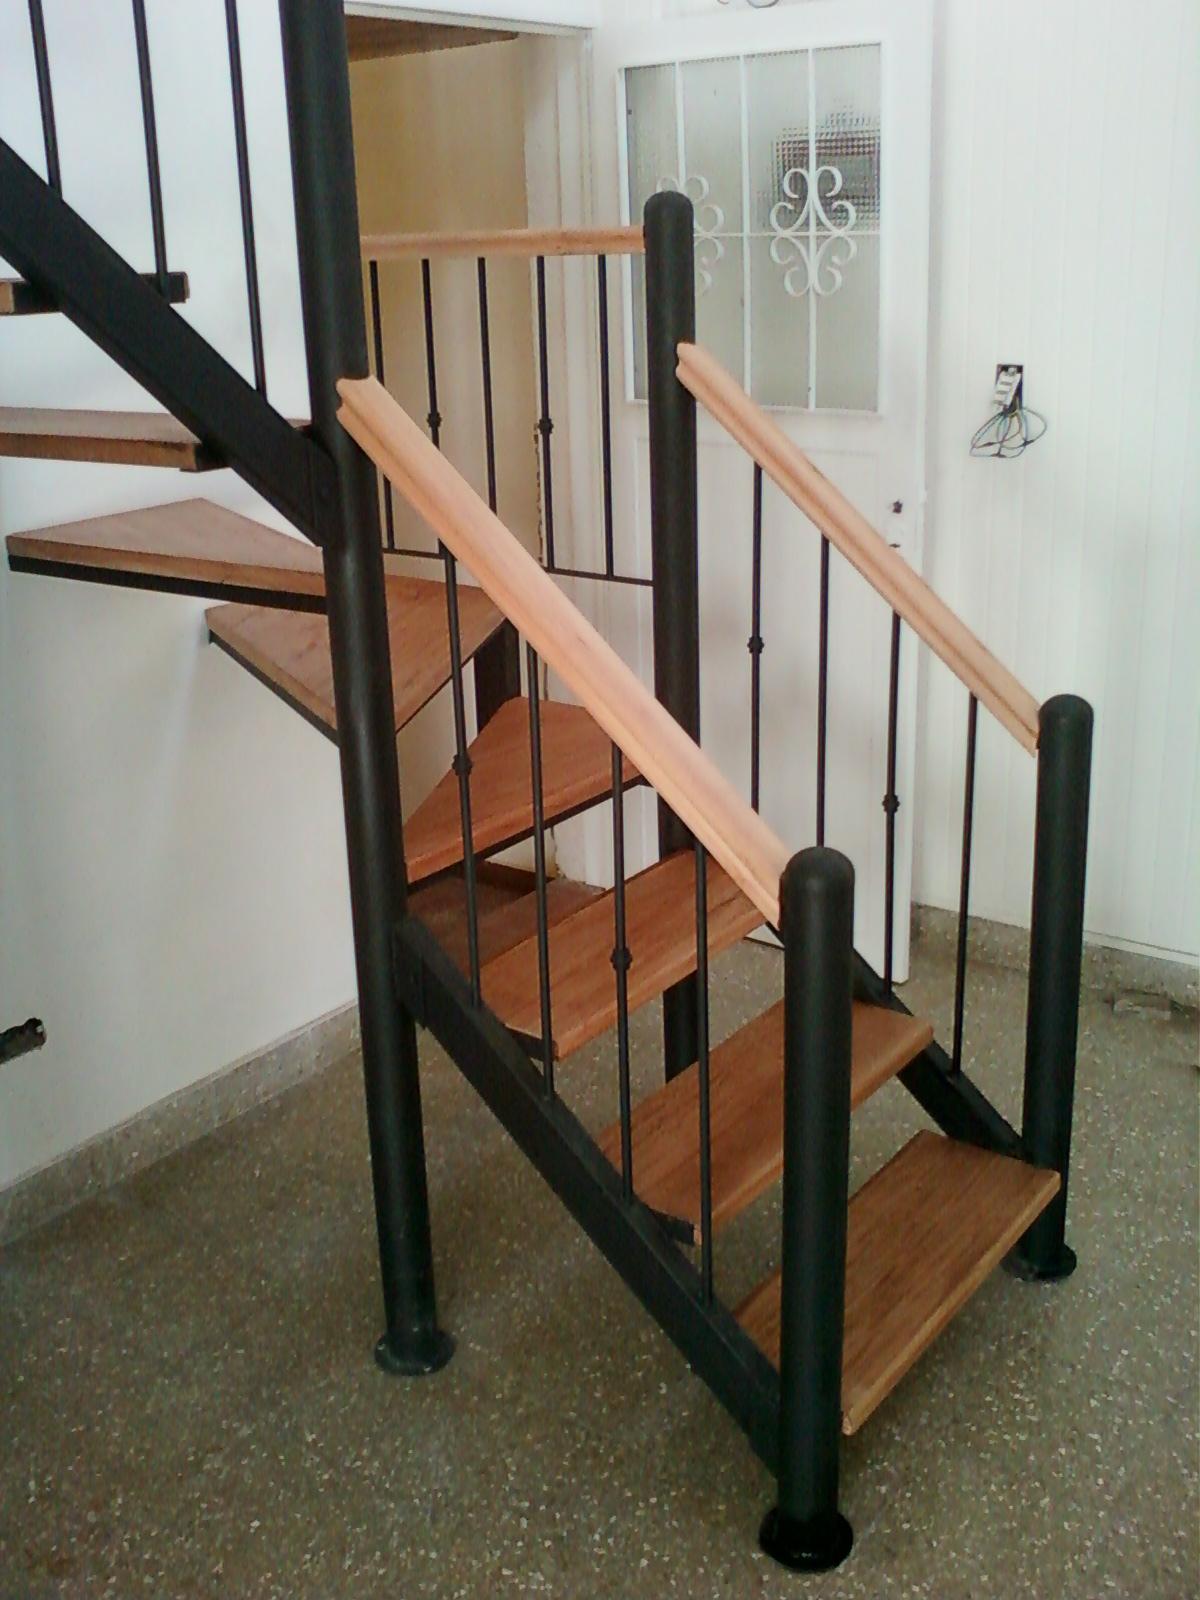 eficaz los escalones puesto que nuestros clientes deseaban ubicar una heladera en la zona inferior de la escalera justo debajo del ltimo descanso